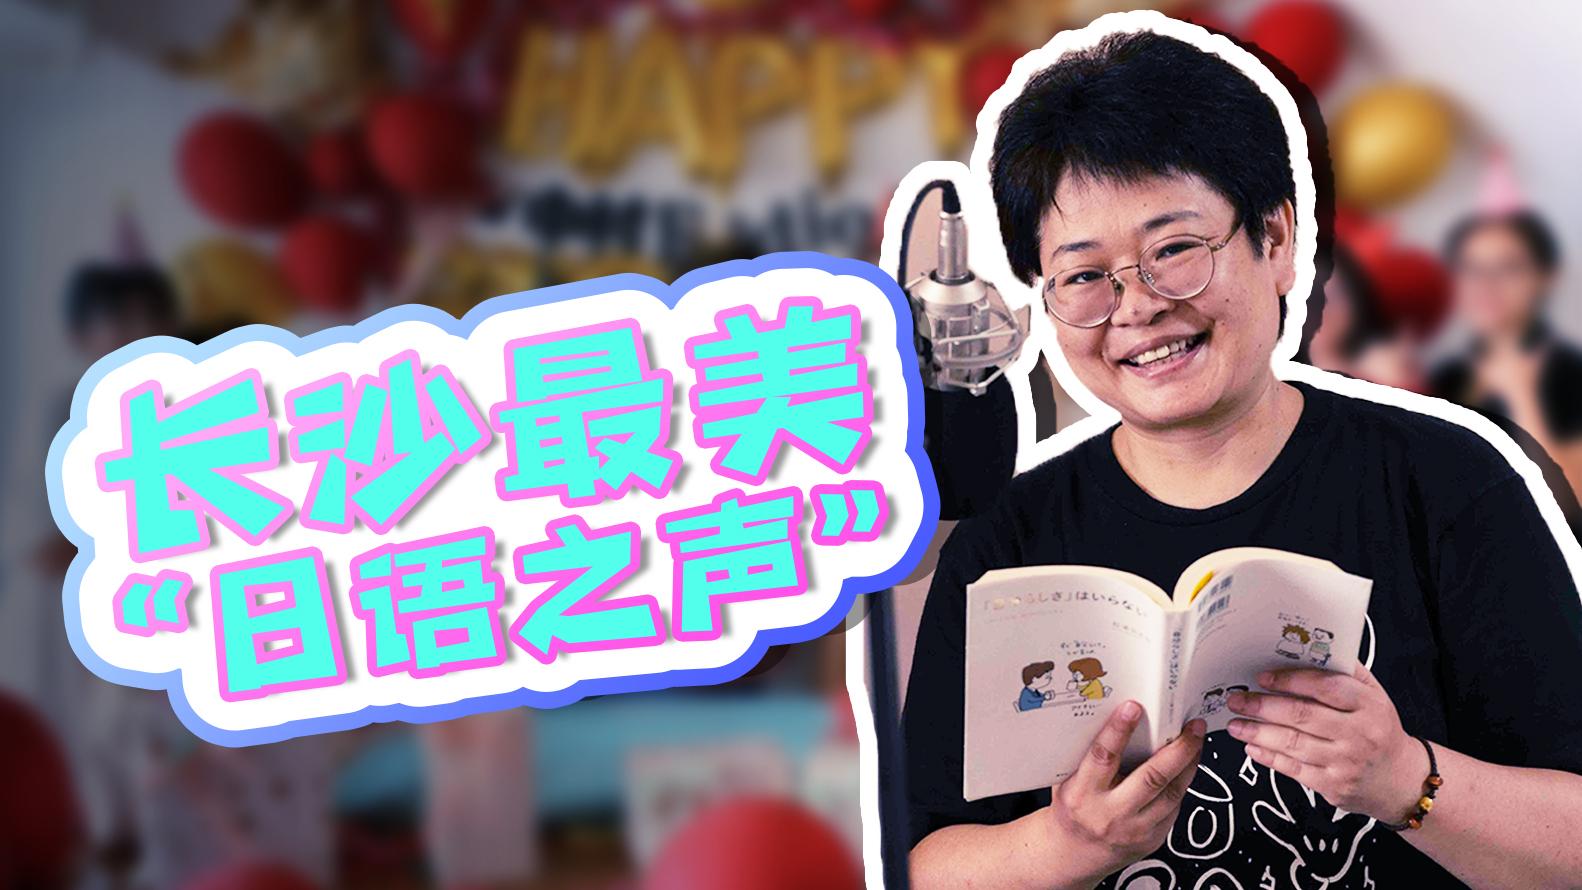 知名大学日语老师,为何辞职和学生一起创业?【我住在这里的理由 225】